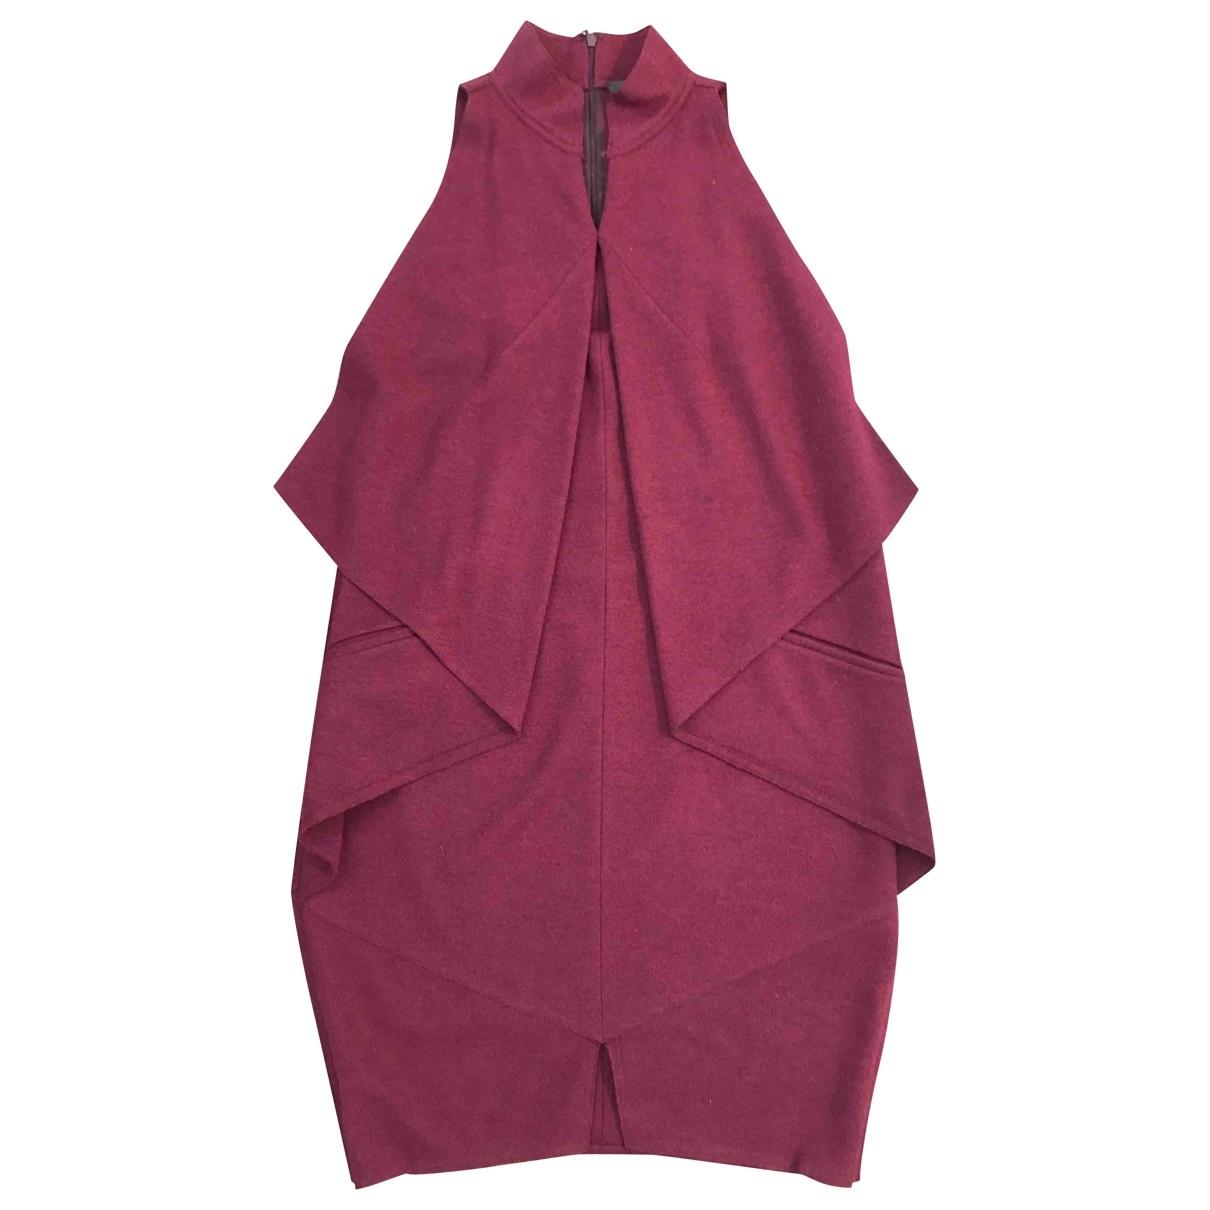 Fendi \N Burgundy Wool dress for Women 42 IT